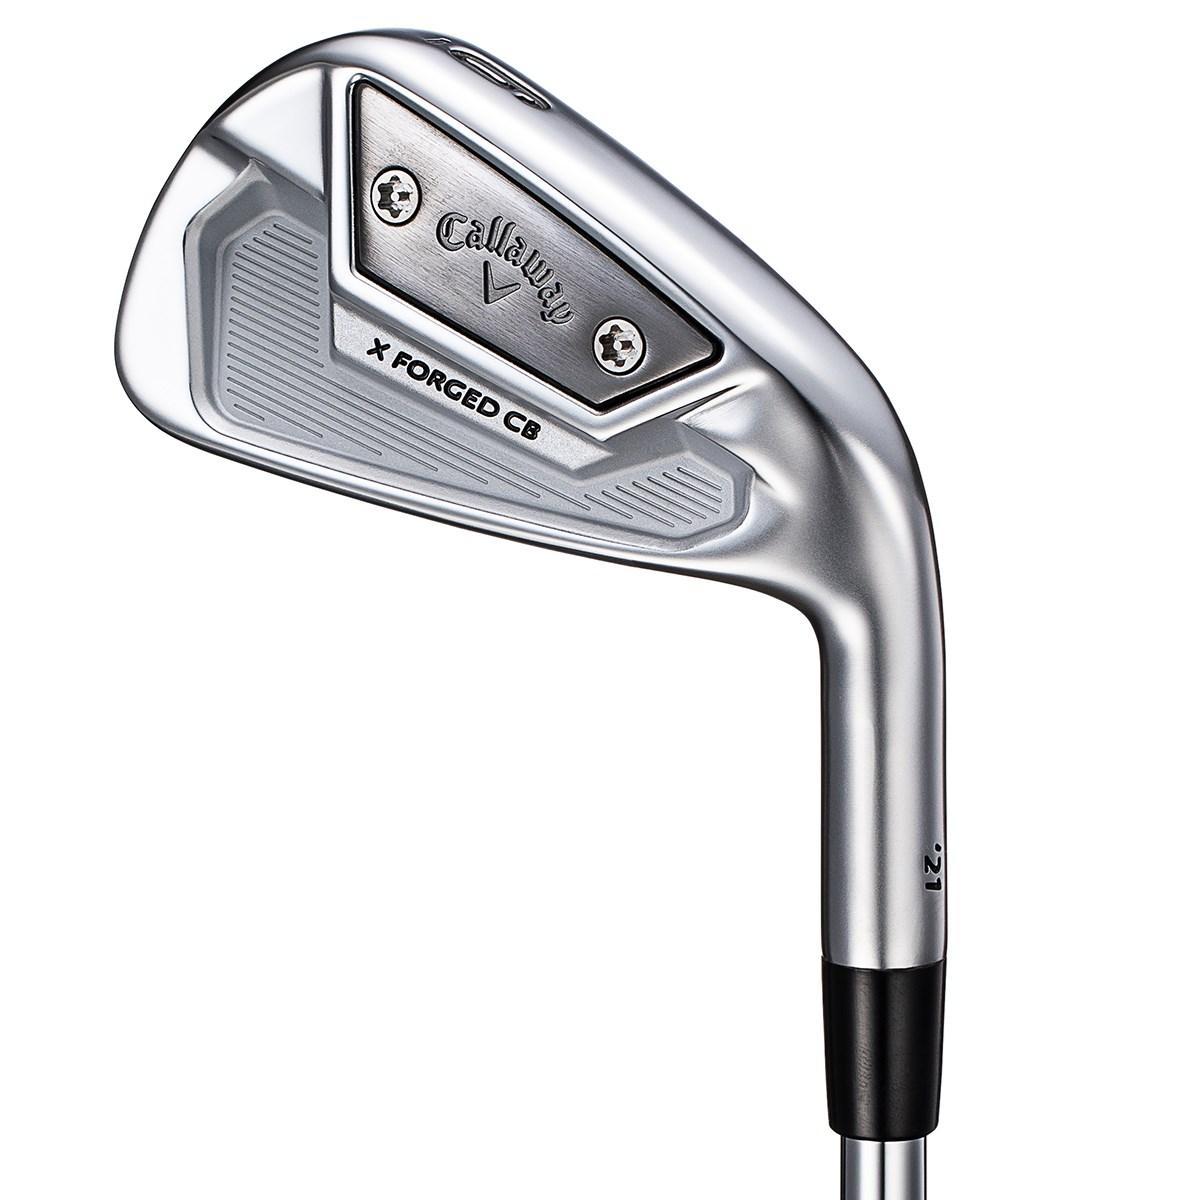 キャロウェイゴルフ(Callaway Golf) X フォージド CB アイアン(6本セット) ダイナミックゴールド